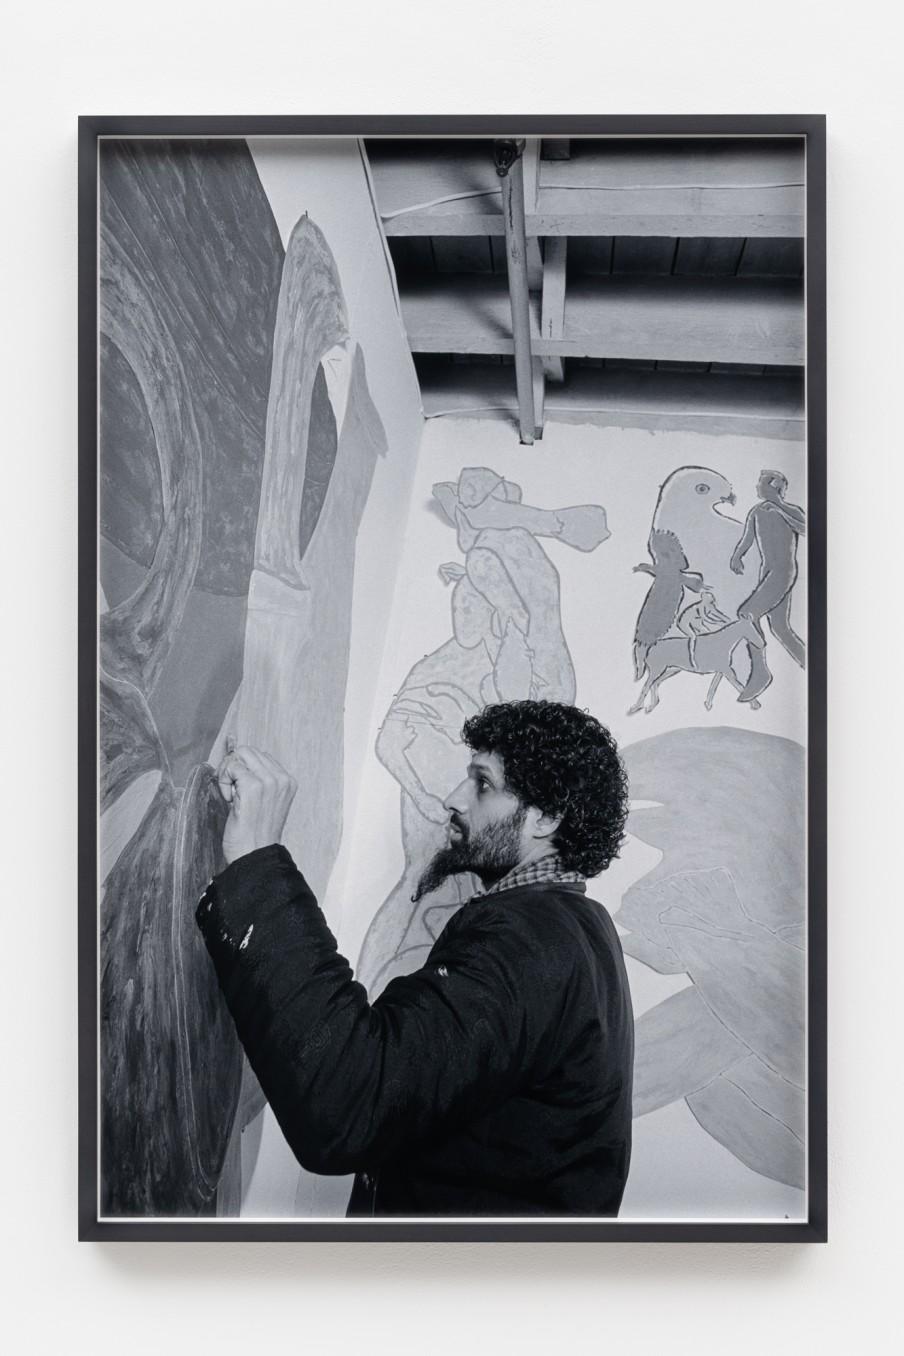 Sunil Gupta Artist, 1986/2021 Archival inkjet print Print: 90.9 x 59.5 cm 35 3/4 x 23 3/8 in